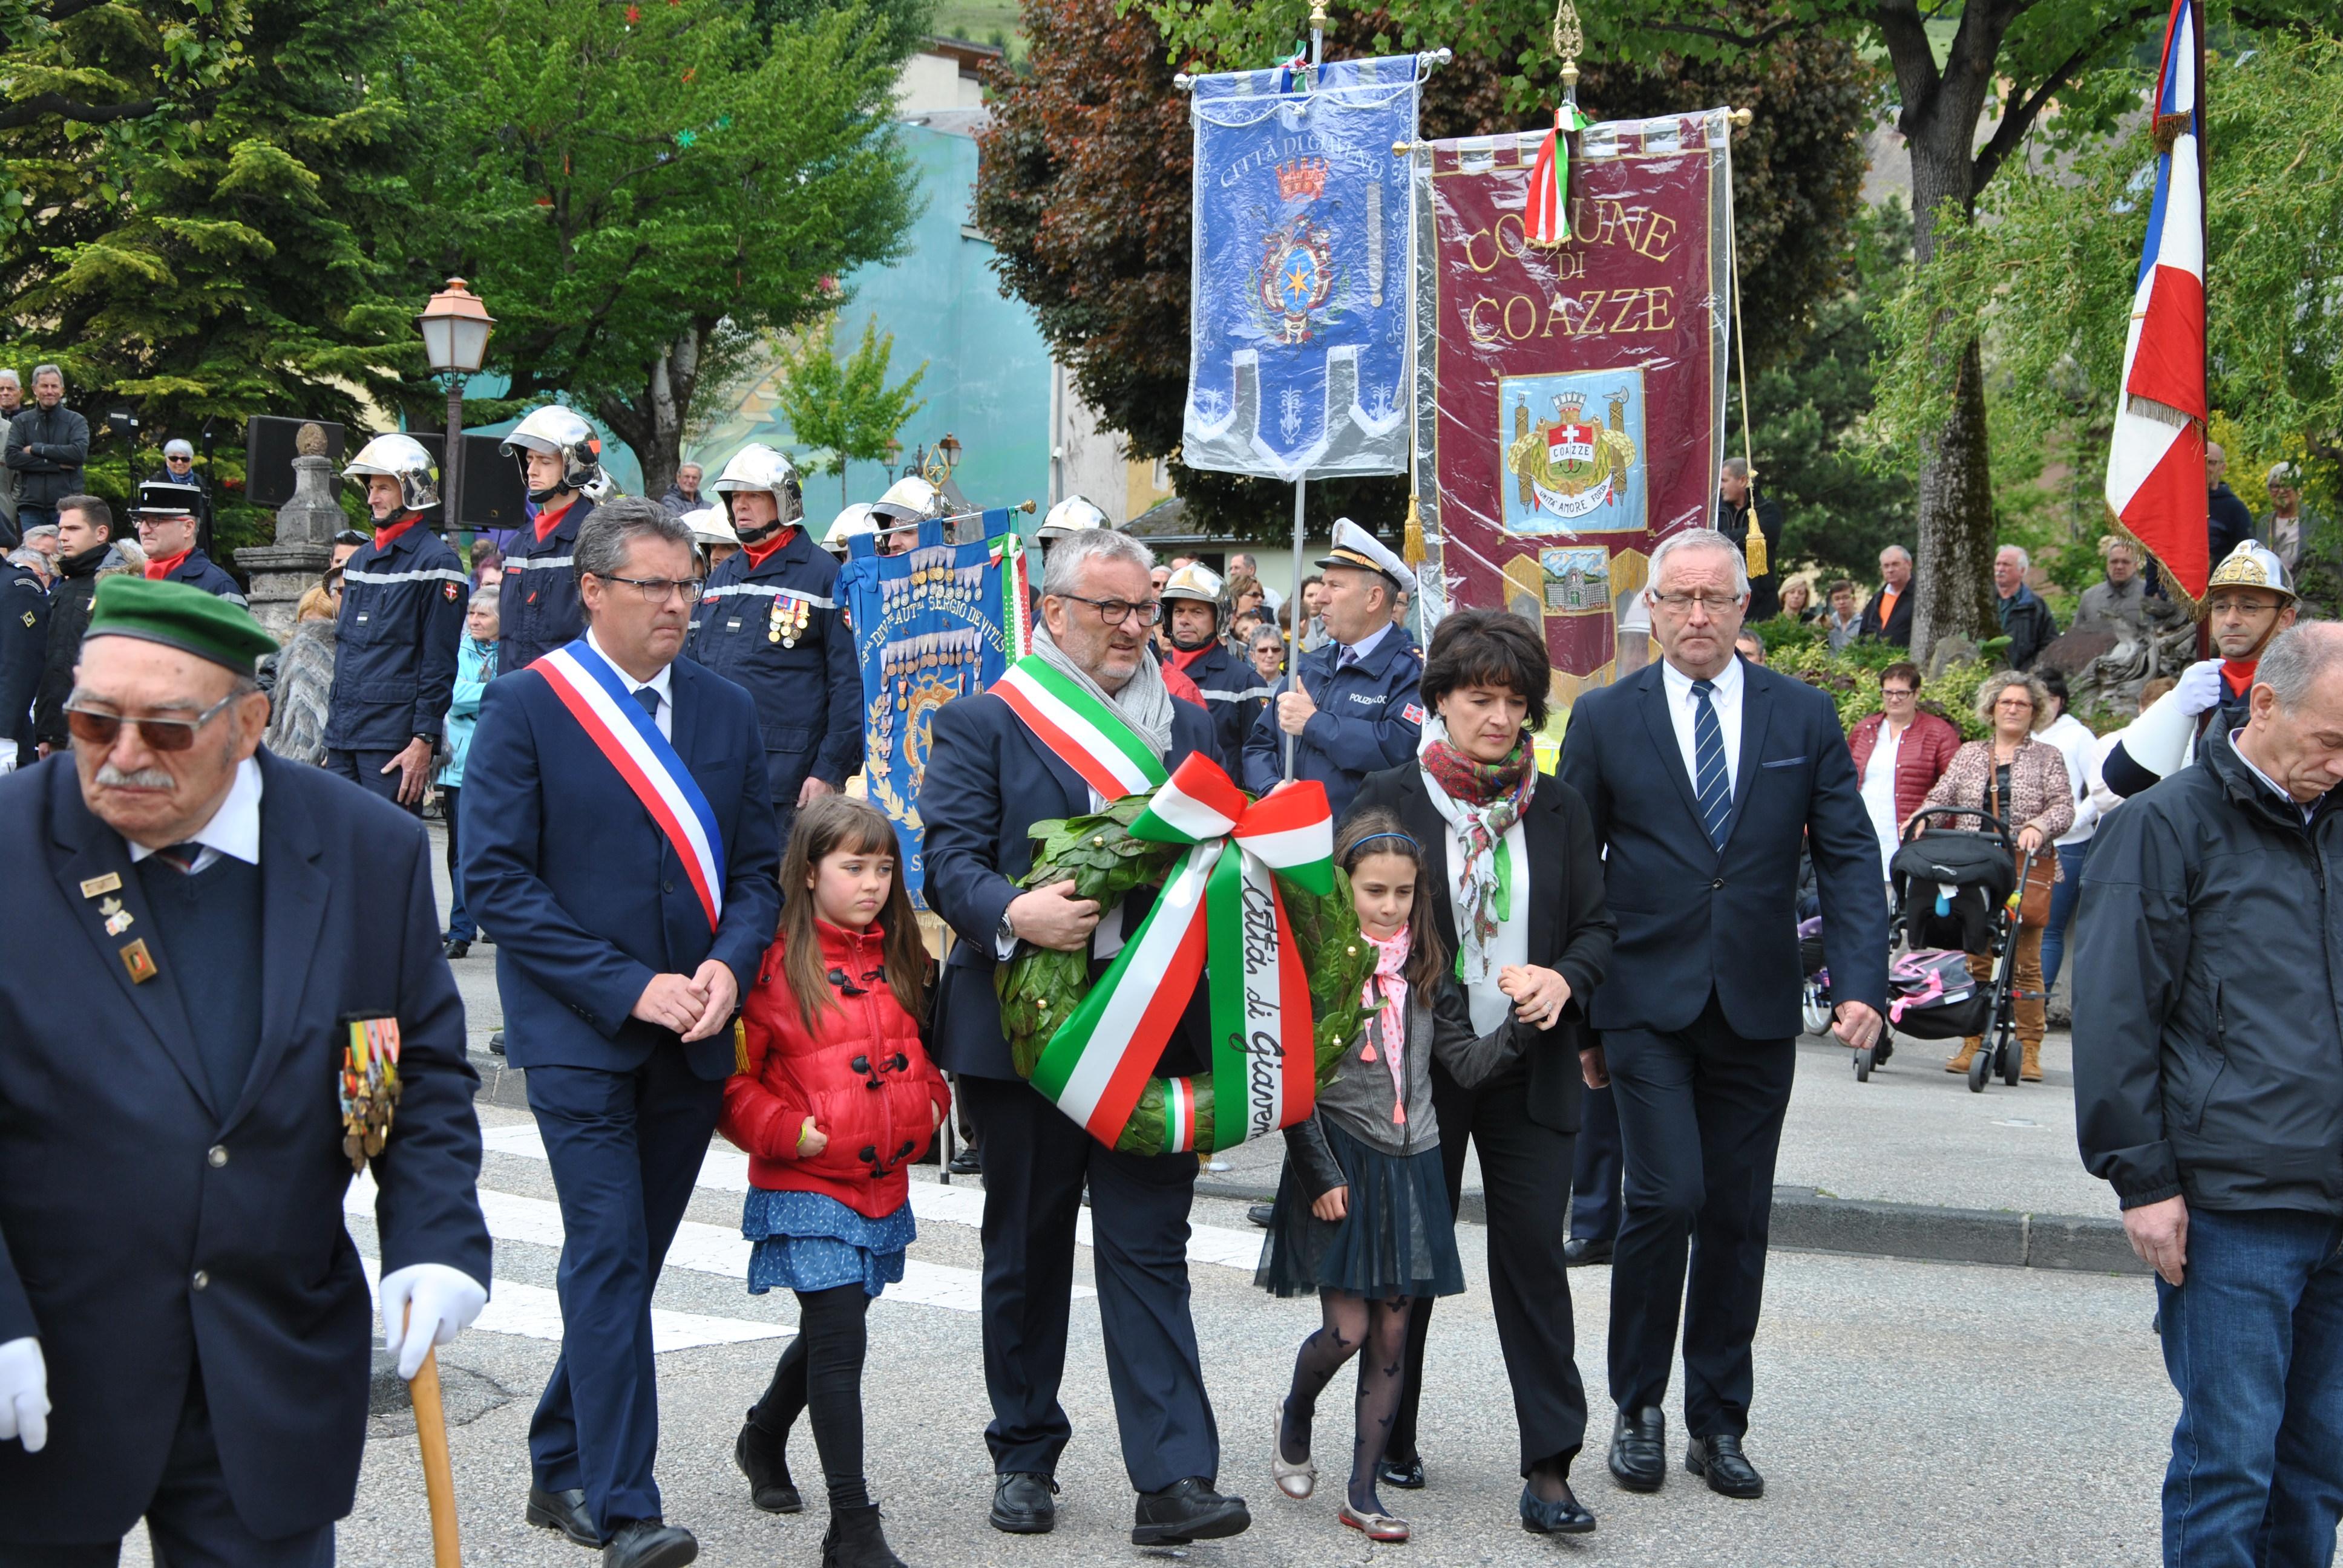 A Saint-Jean-de-Maurienne per la Giornata della Vittoria dell'8 maggio 1945 e per la Festa dell'Europa